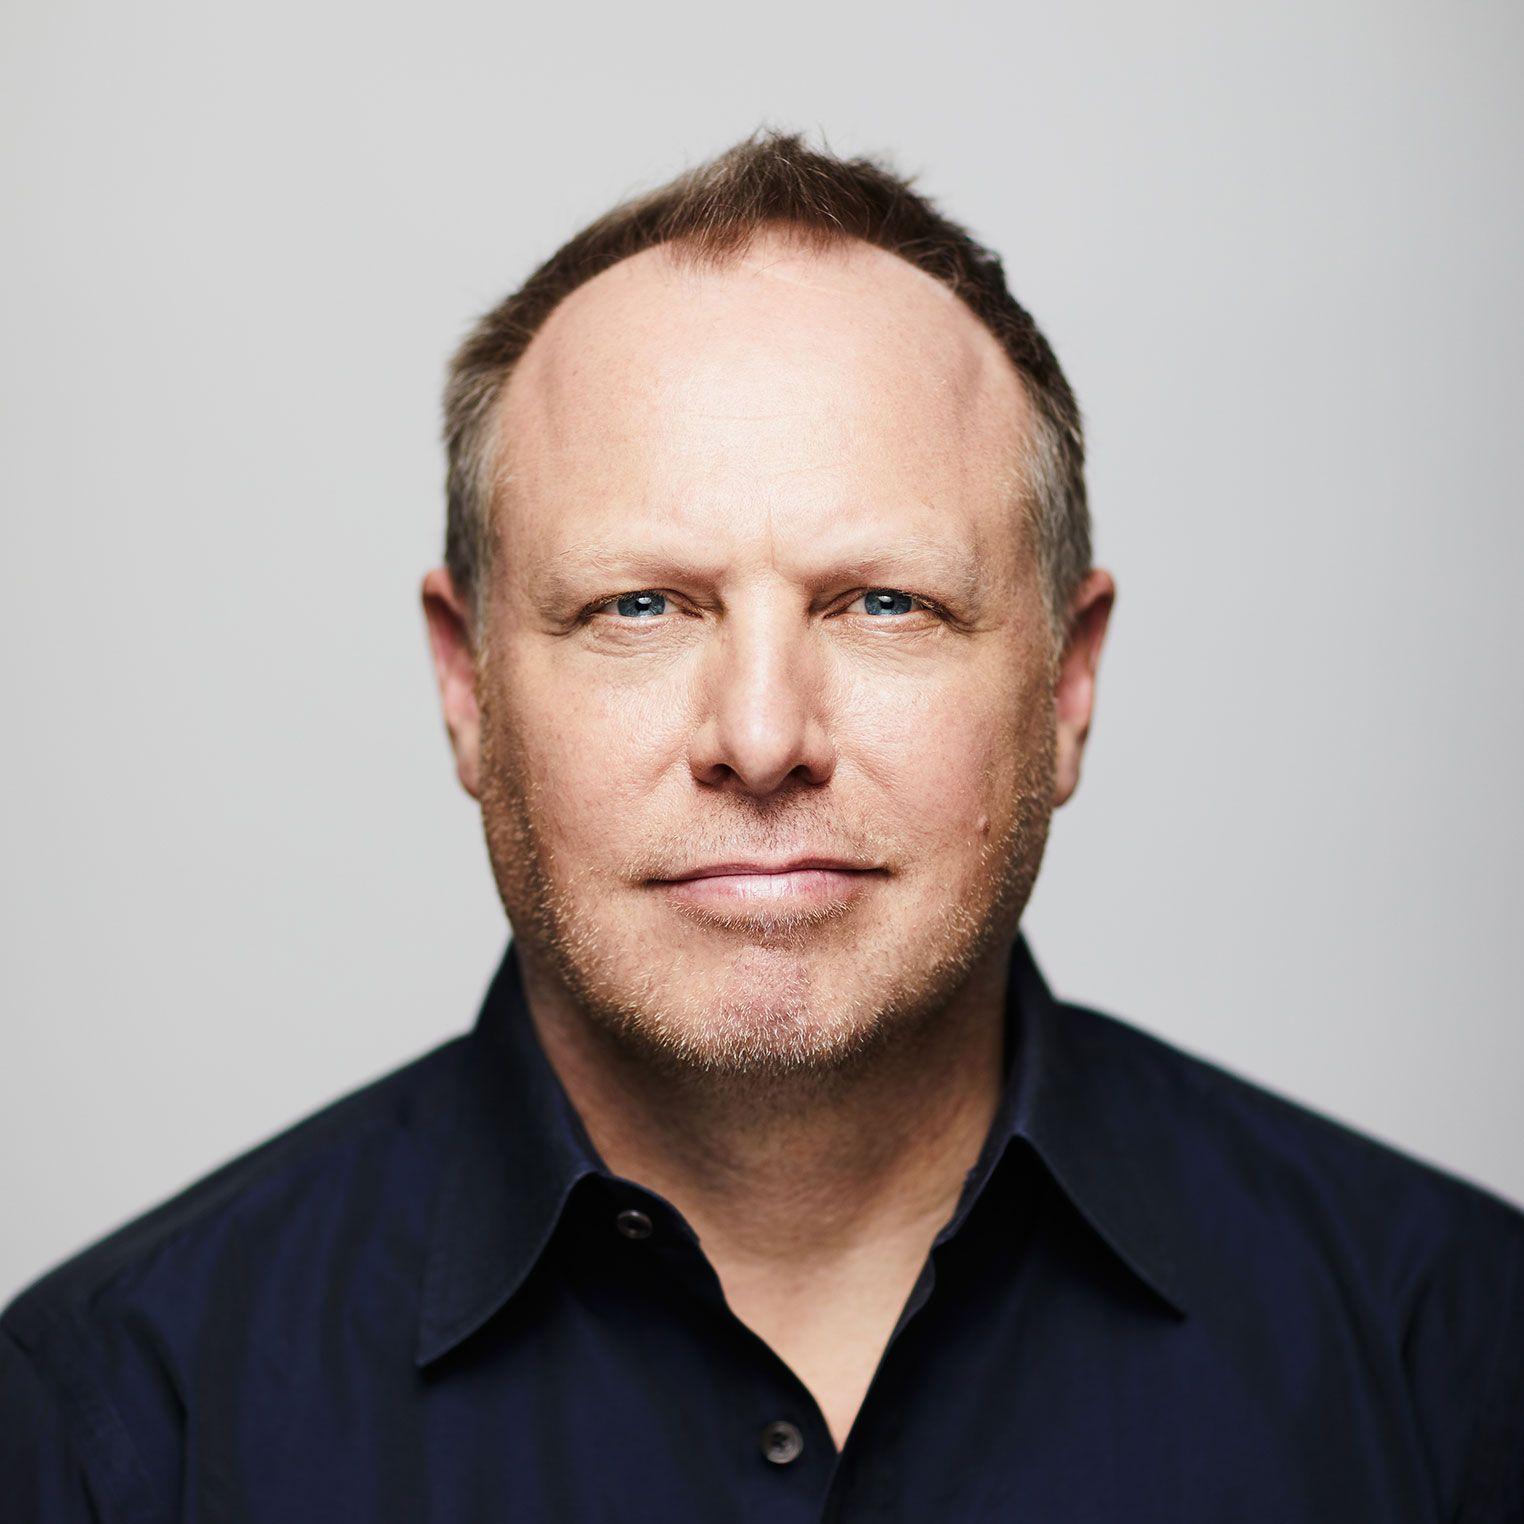 Curt Schreiber